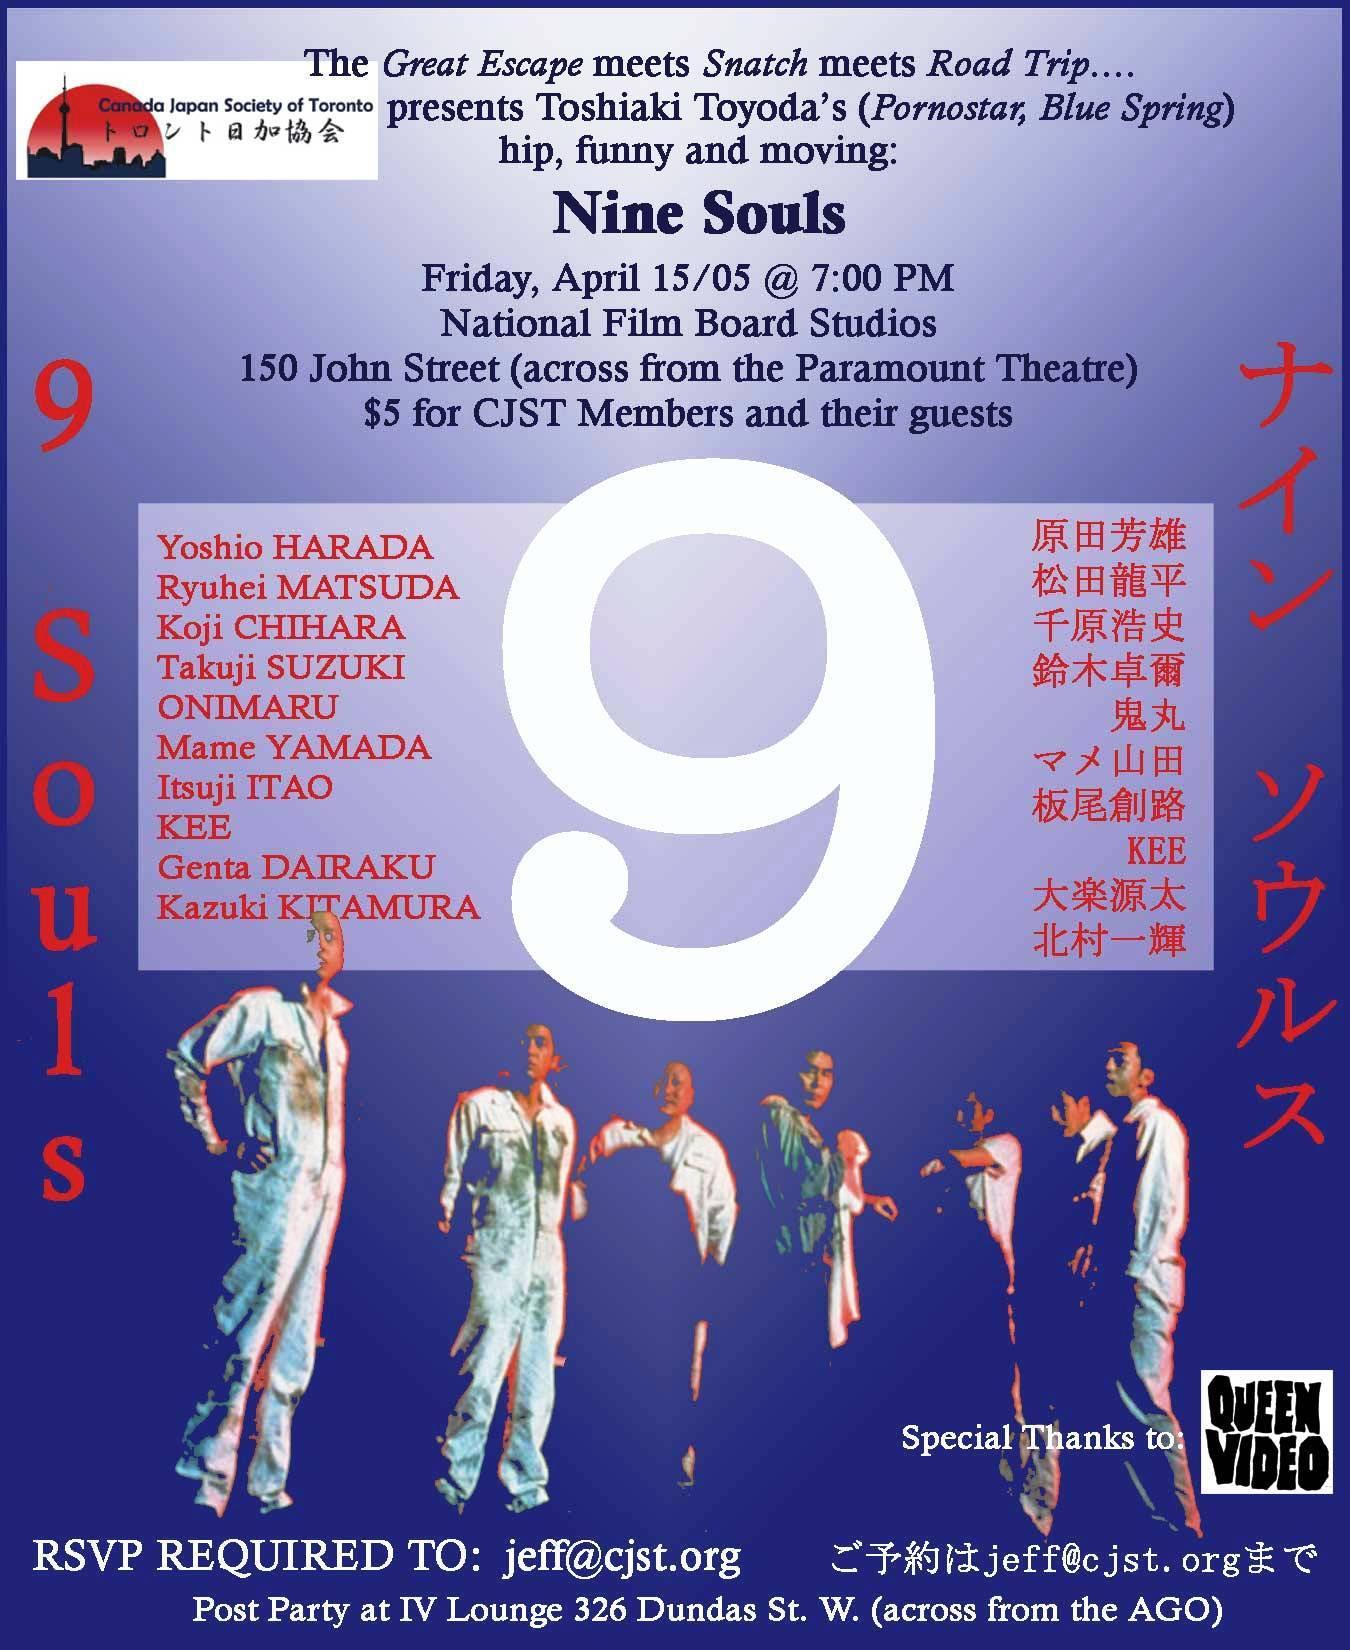 9 souls a